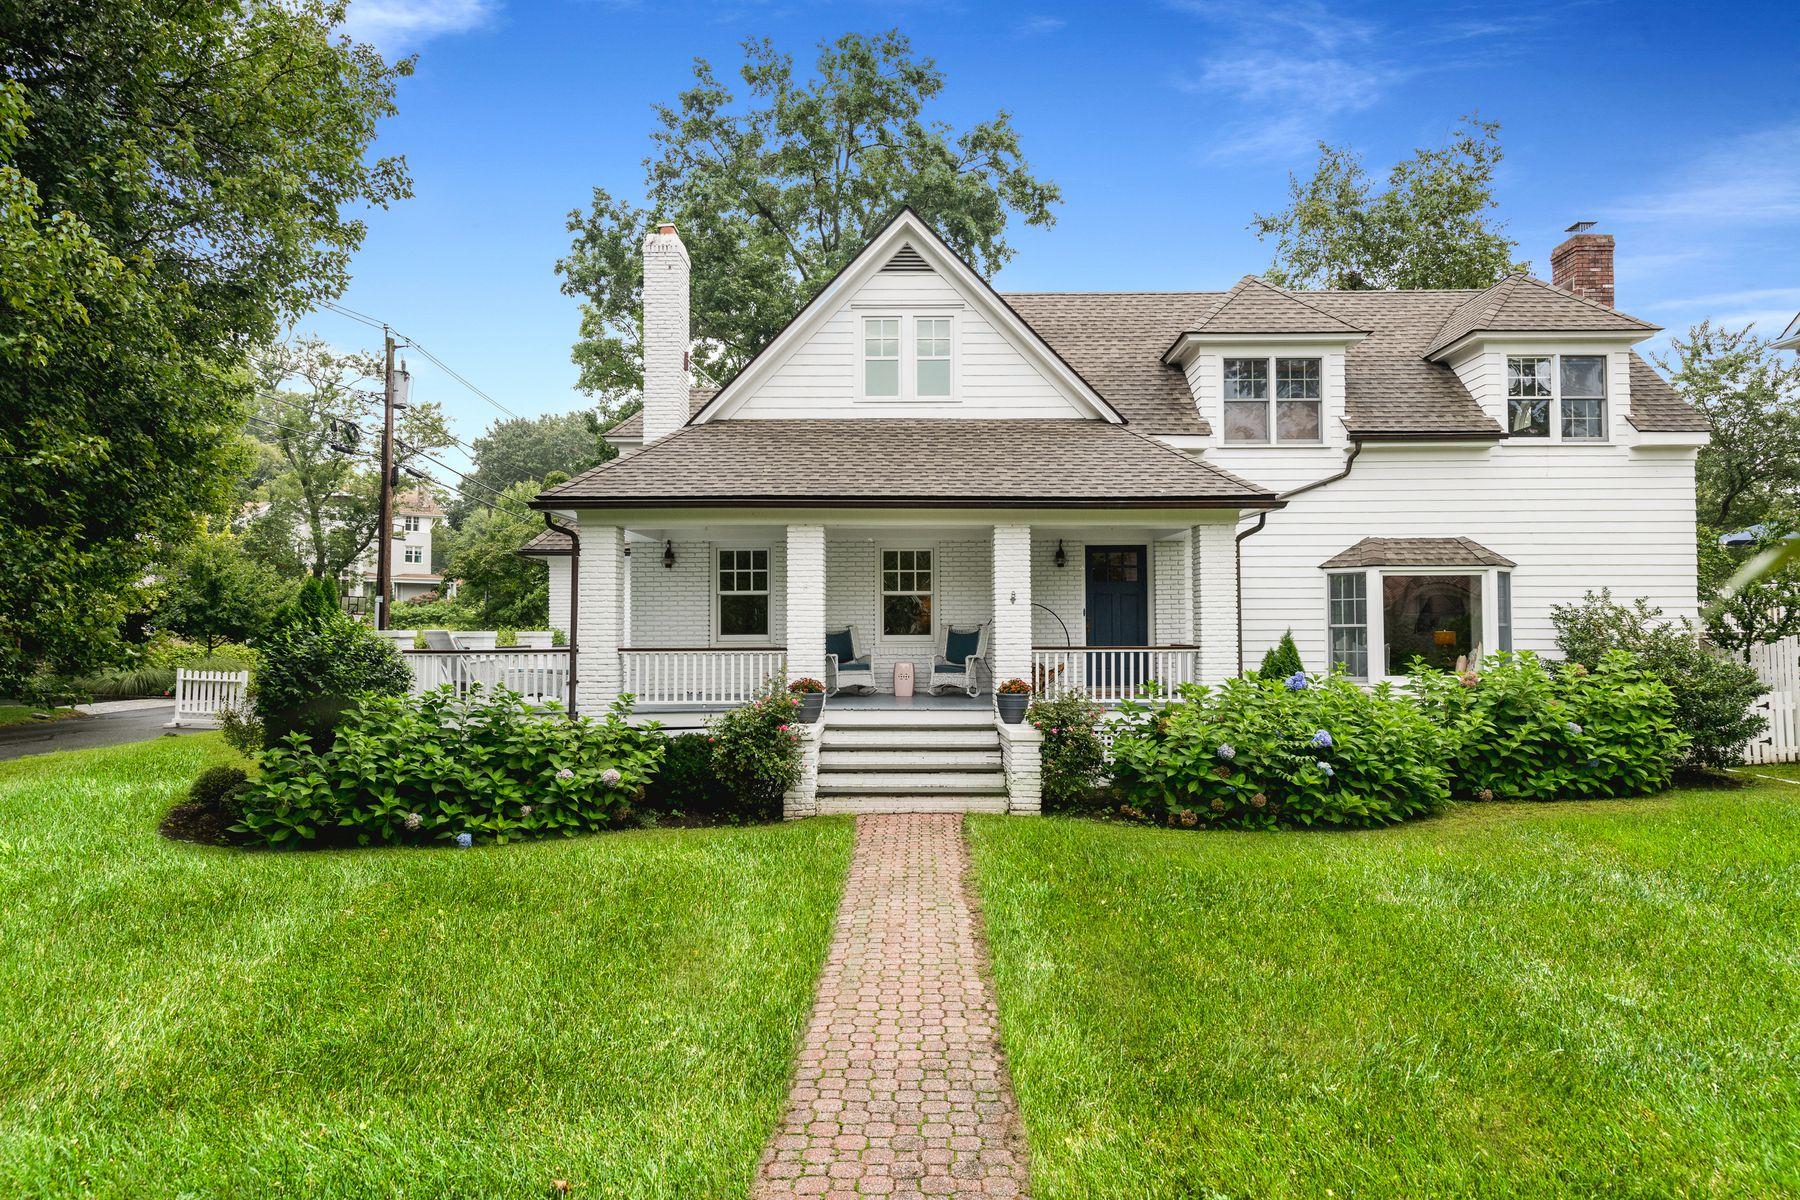 Casa Unifamiliar por un Venta en 2 Grimes Road 2 Grimes Road Old Greenwich, Connecticut 06870 Estados Unidos